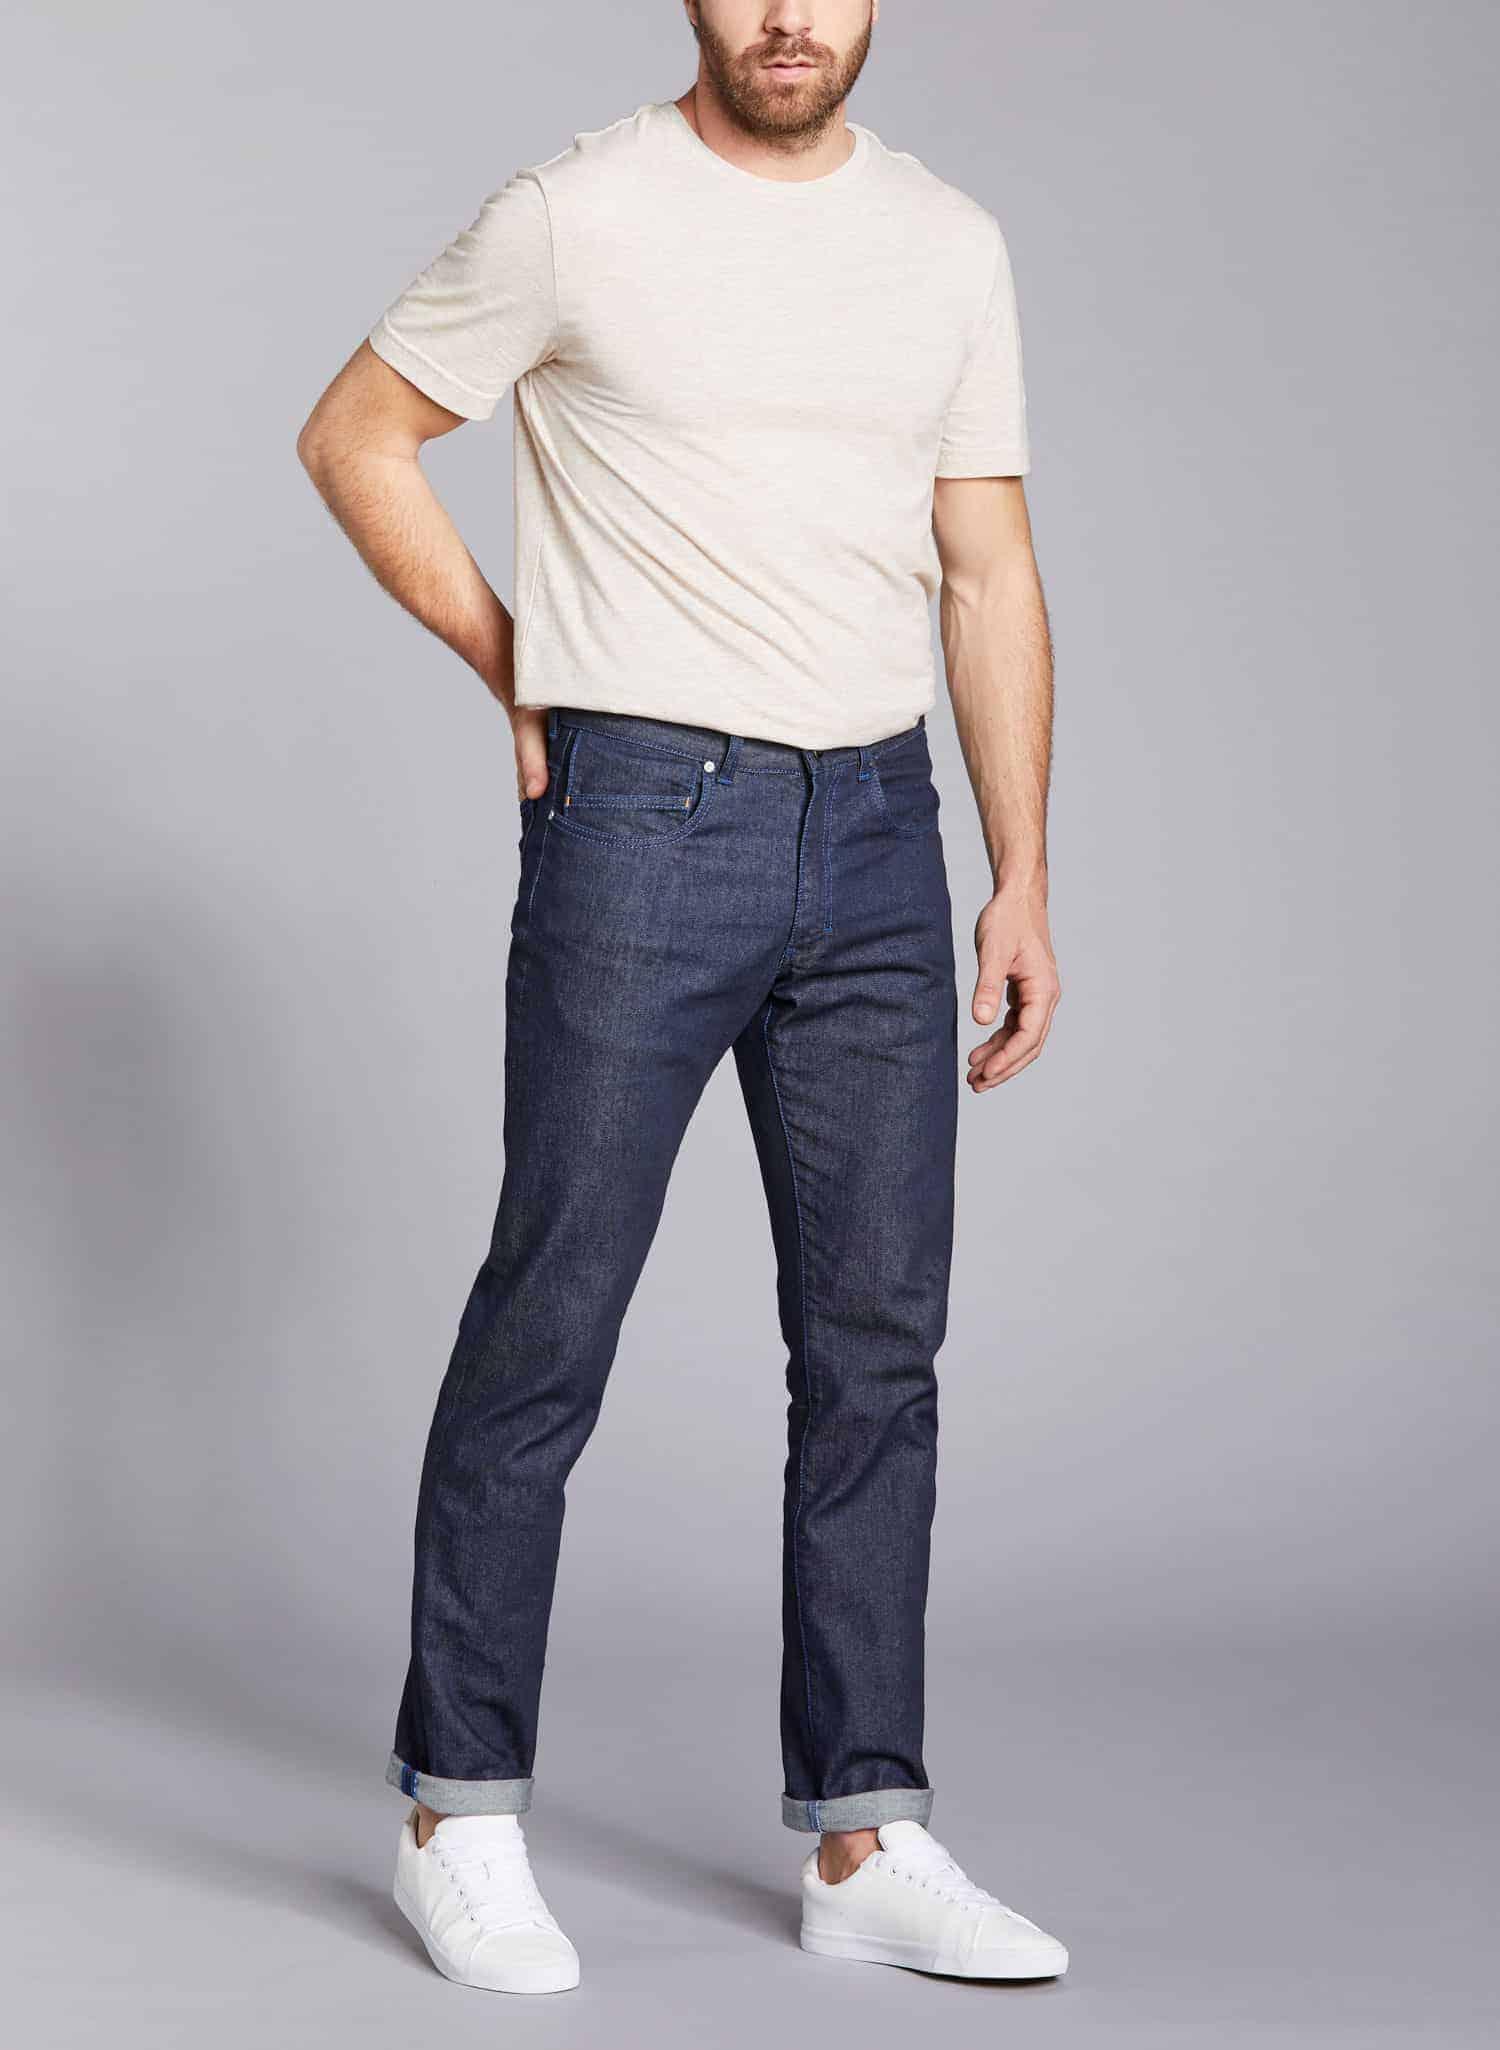 y-alpine-jean-homme-brut-denim-poche-smartphone